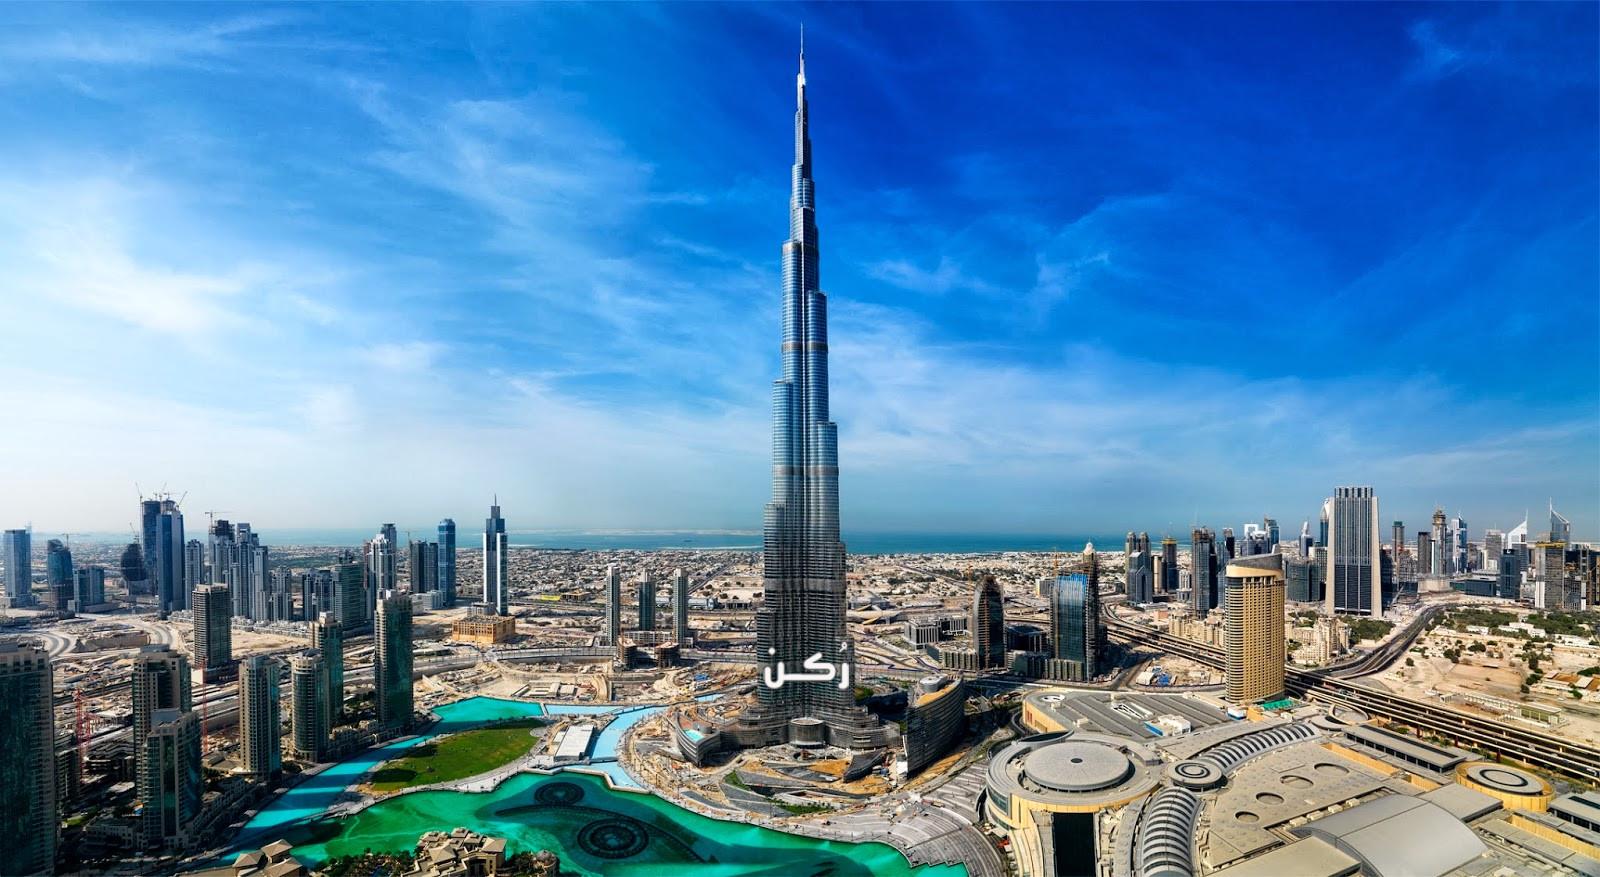 أهم المعالم السياحية في دبي الإمارات للعائلات 2019